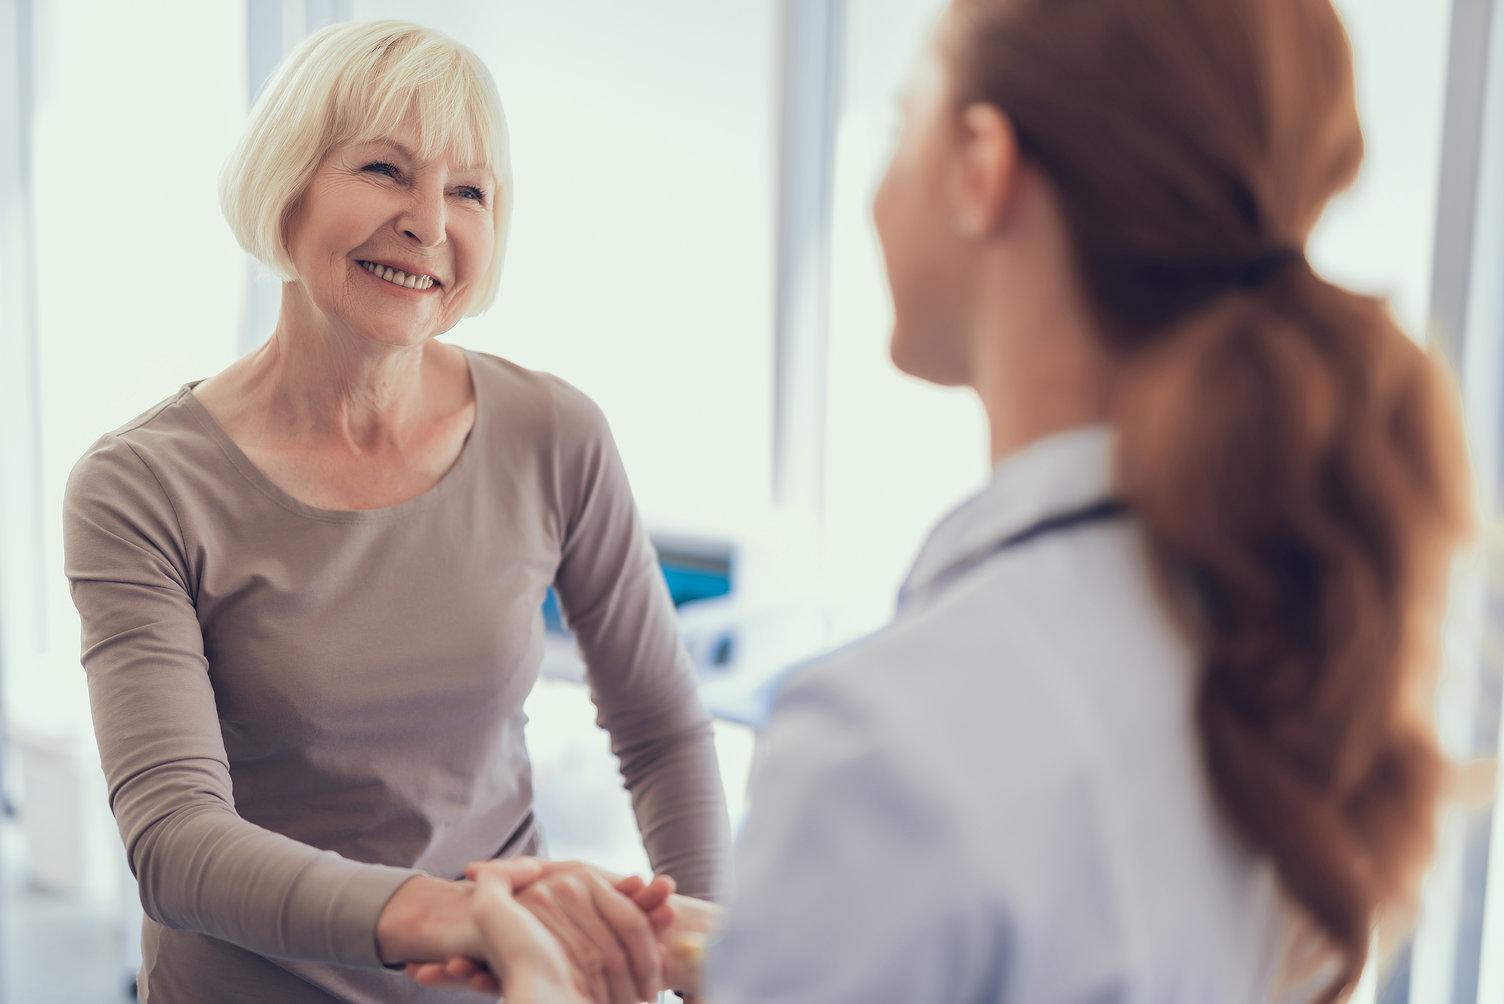 Ce drepturi şi ce obligaţii are pacientul asigurat ?